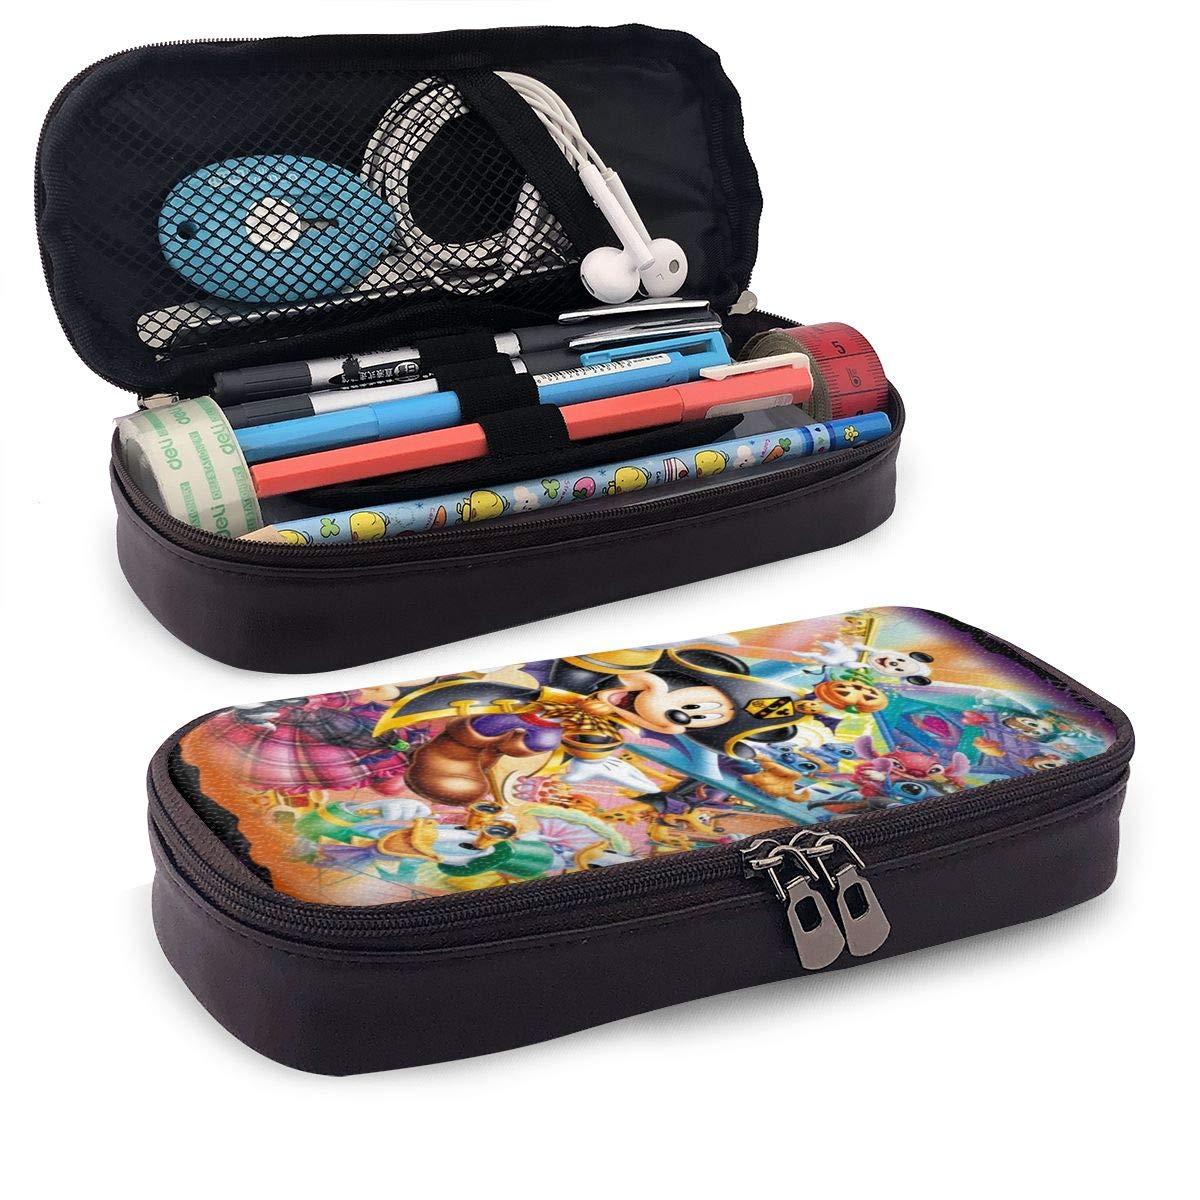 Mickey Mouse - Estuche de piel para bolígrafos y cosméticos, doble cremallera, para adultos, niñas, niños, escuela, oficina, etc.: Amazon.es: Oficina y papelería